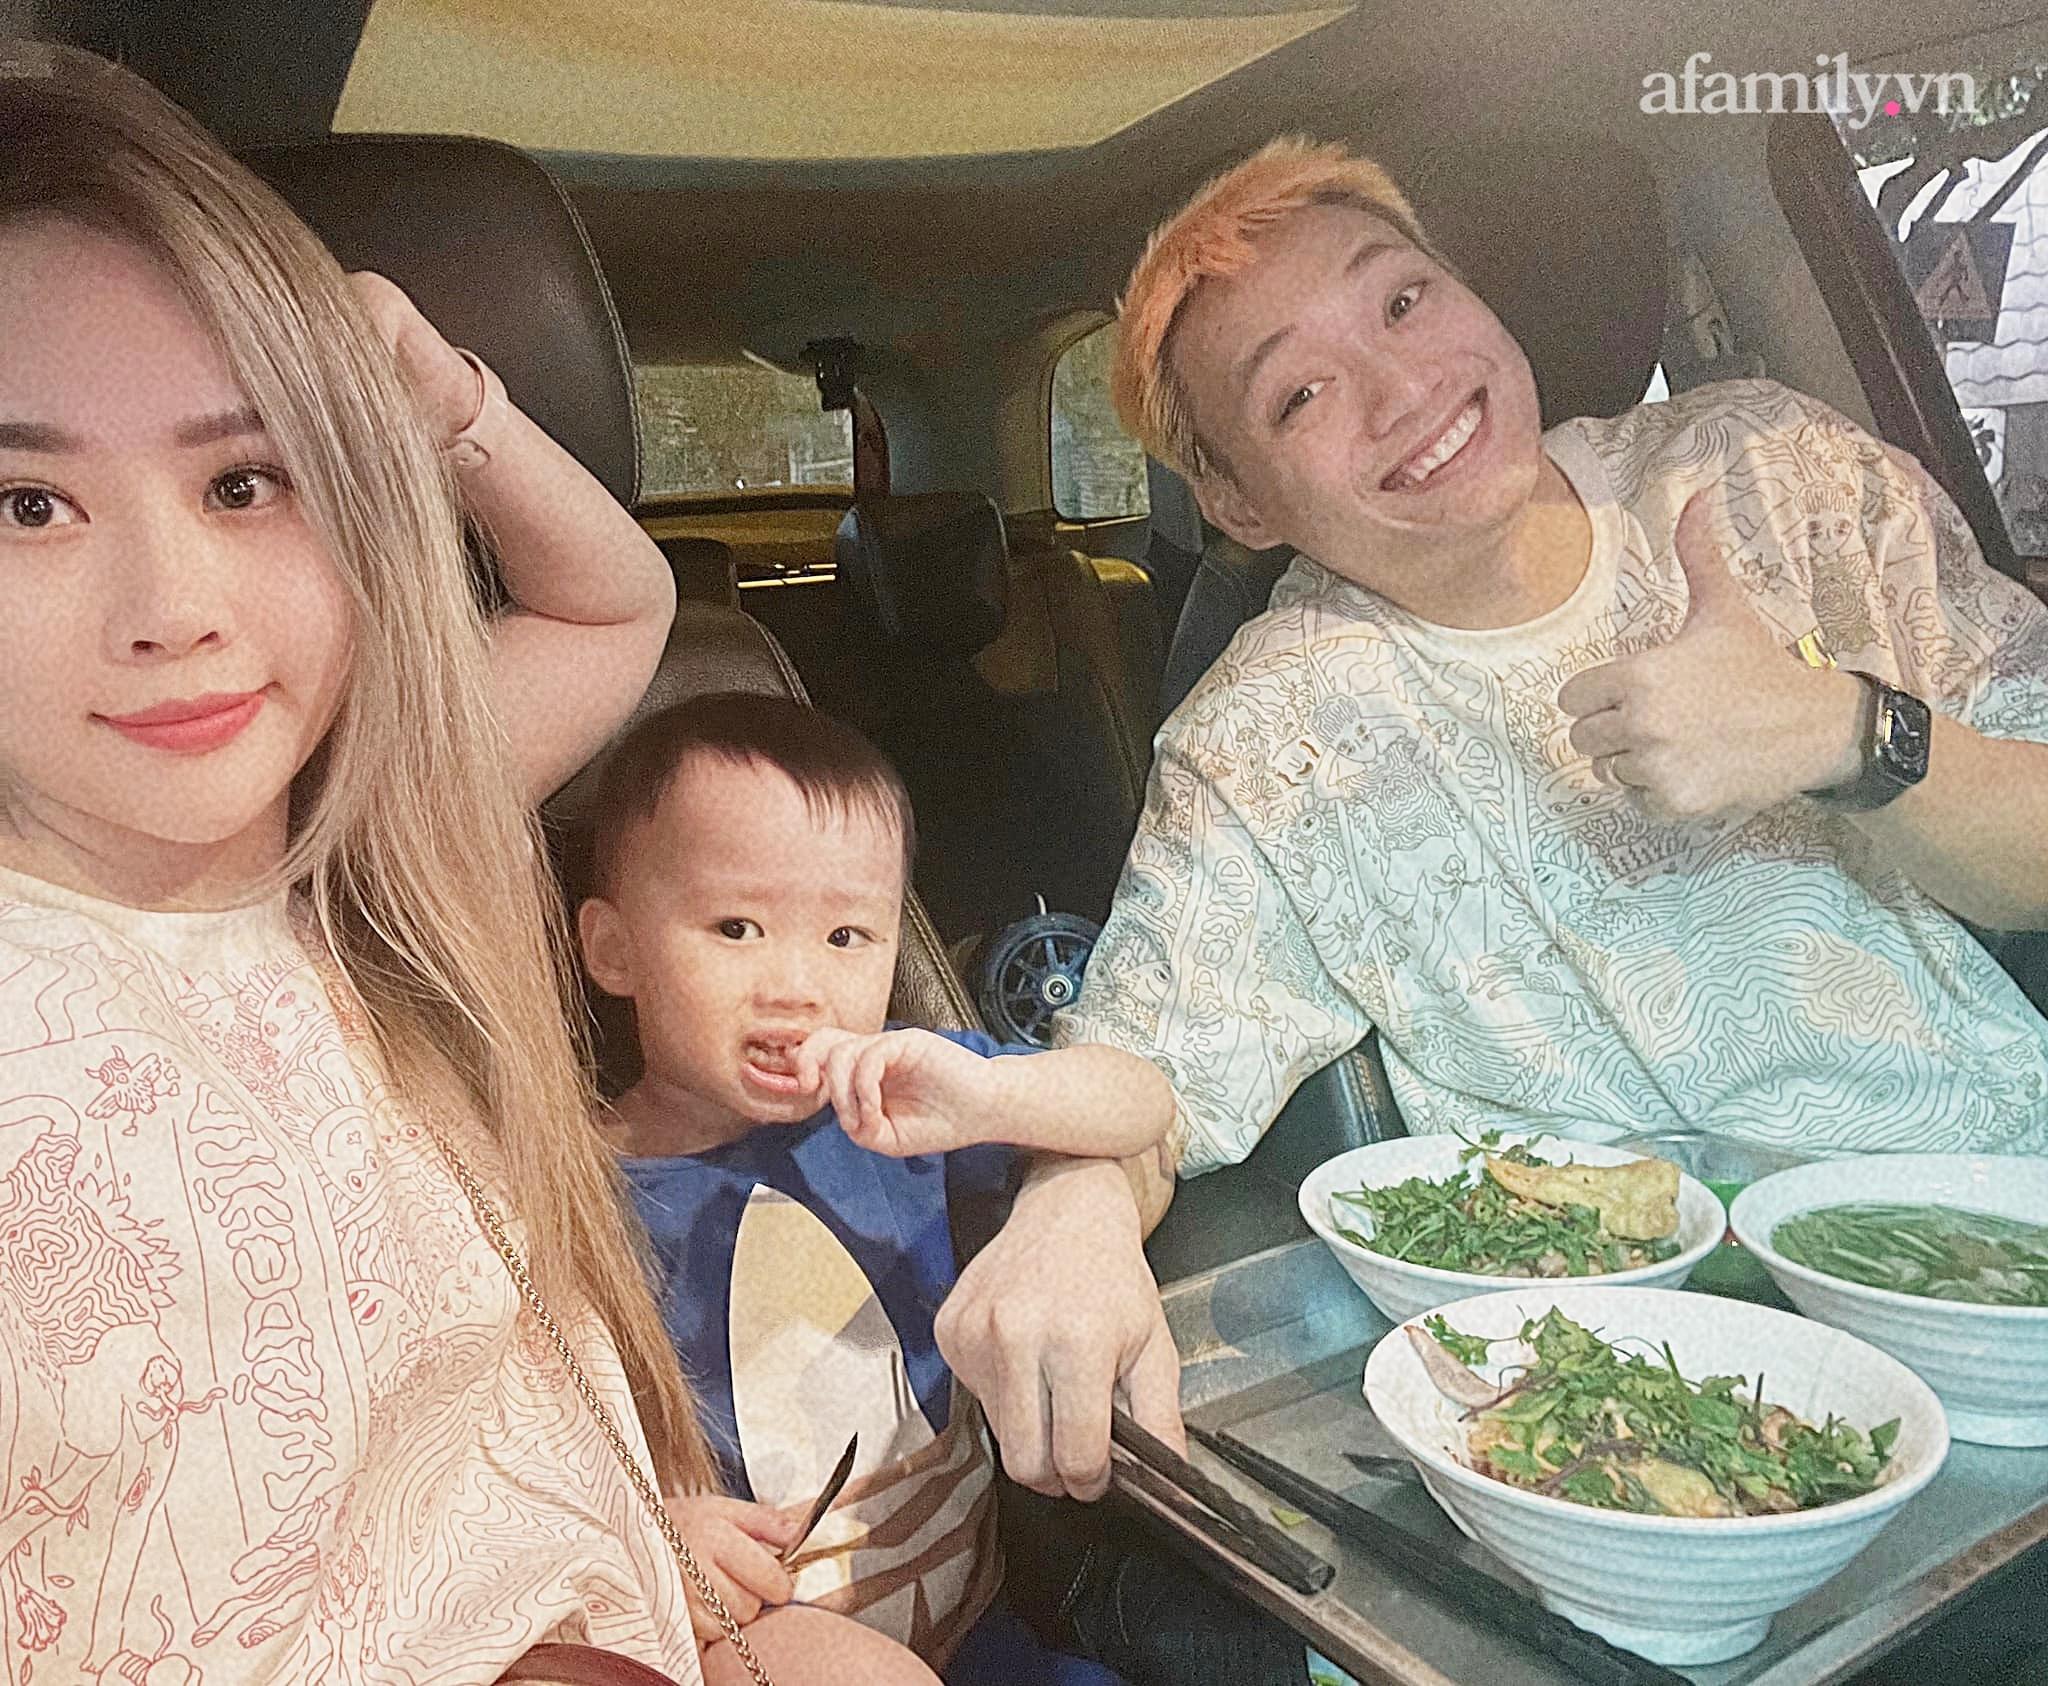 Bà mẹ 9X khoe bí quyết giúp cậu con trai 3 tuổi háo hức ăn cơm mỗi khi đến bữa, 5 lần 7 lượt đổi bàn khiến cả nhà hài lòng - Ảnh 6.